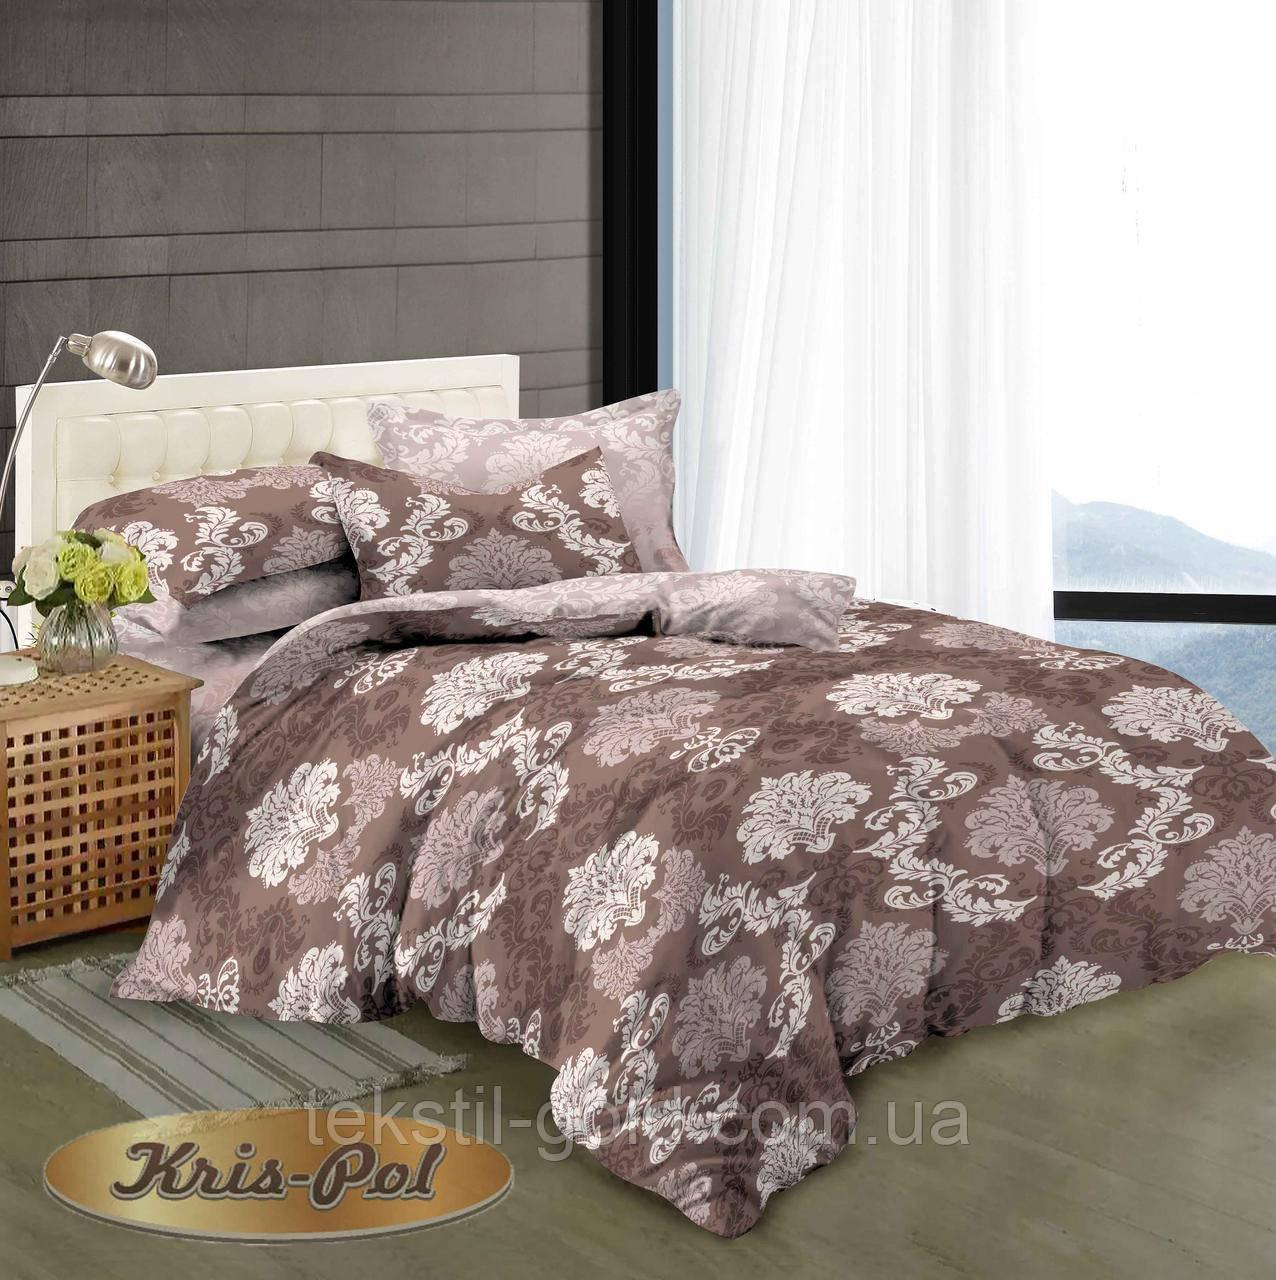 1,5-спальный комплект постельного белья с компаньоном ТМ Kris-pol (Украина) сатин хлопок 169153